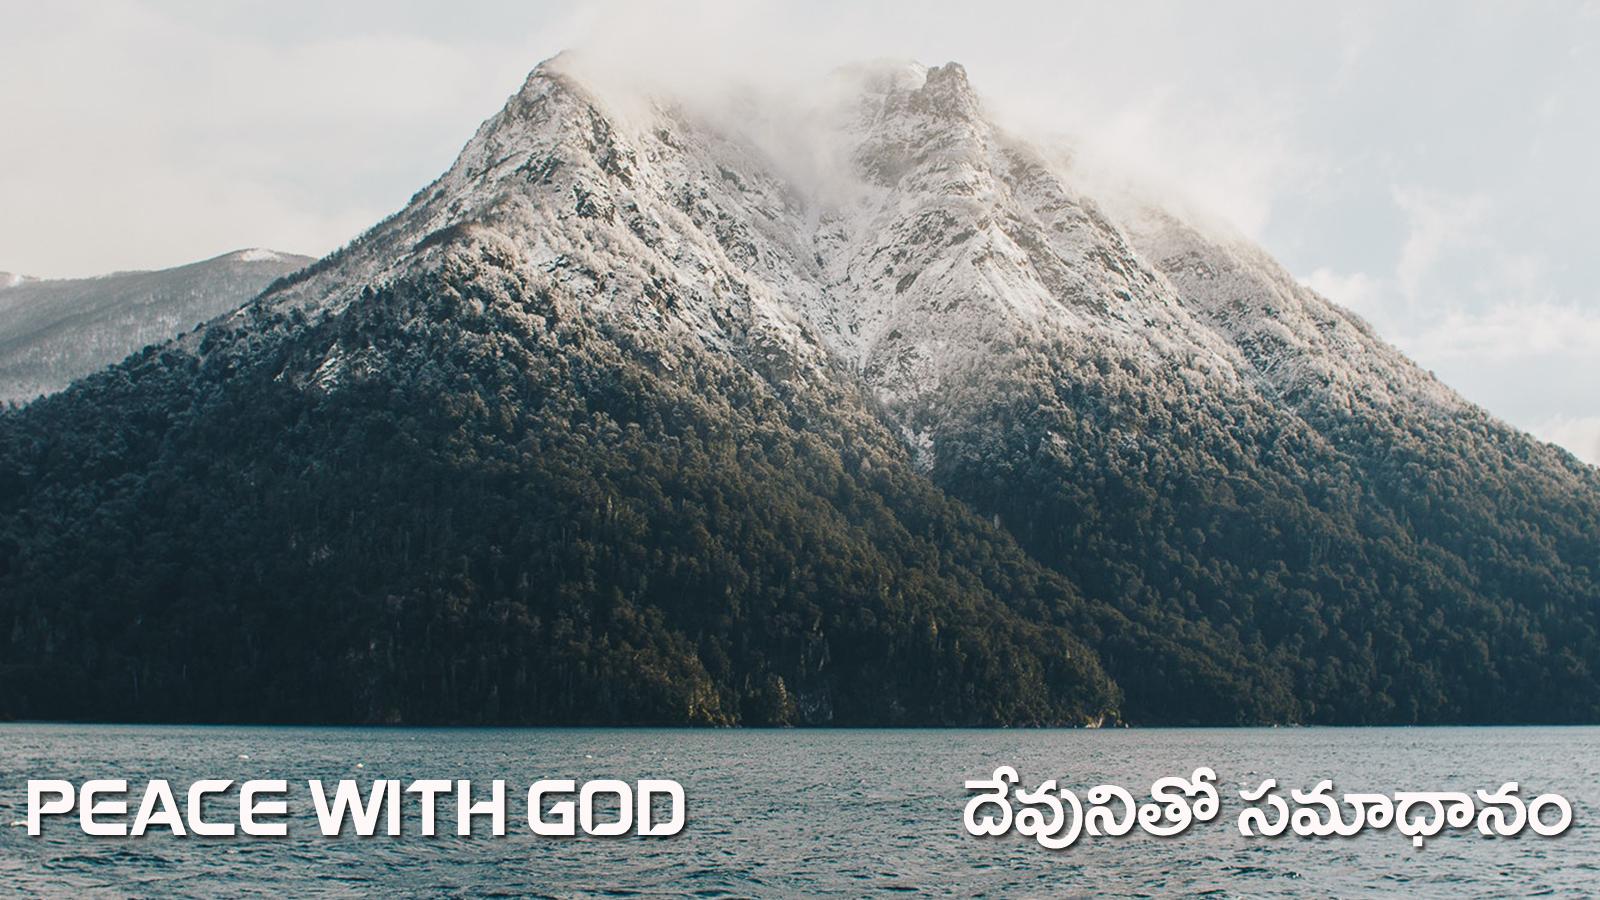 Peace with God (A330)